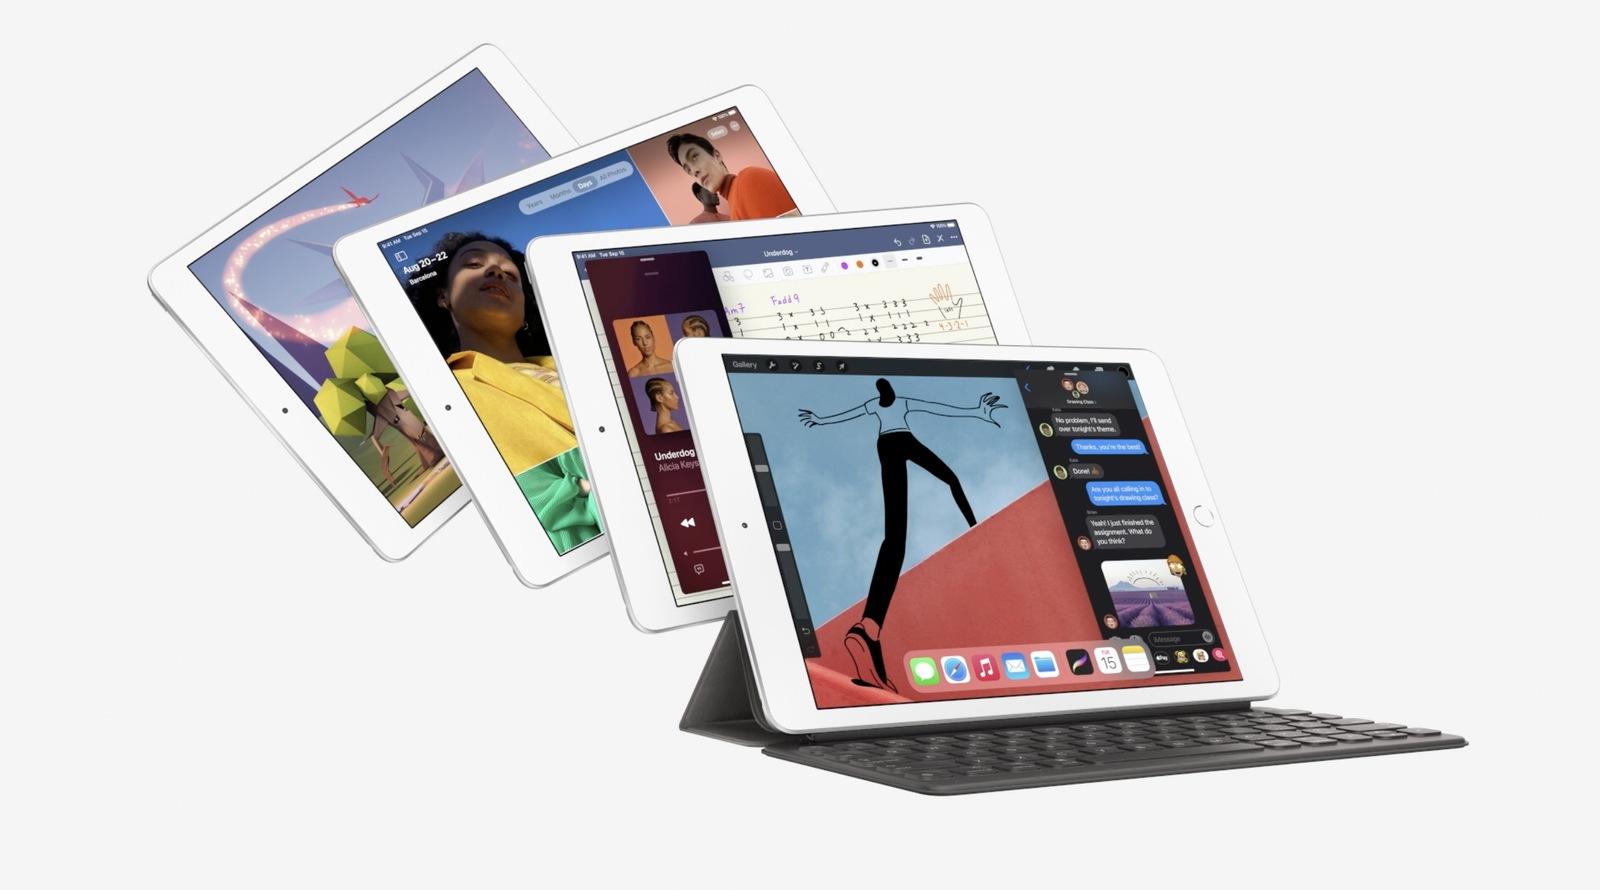 مزايا وعيوب تابلت iPad 10.2 (2020) الجيل الثامن من أجهزة Apple اللوحية الأولية